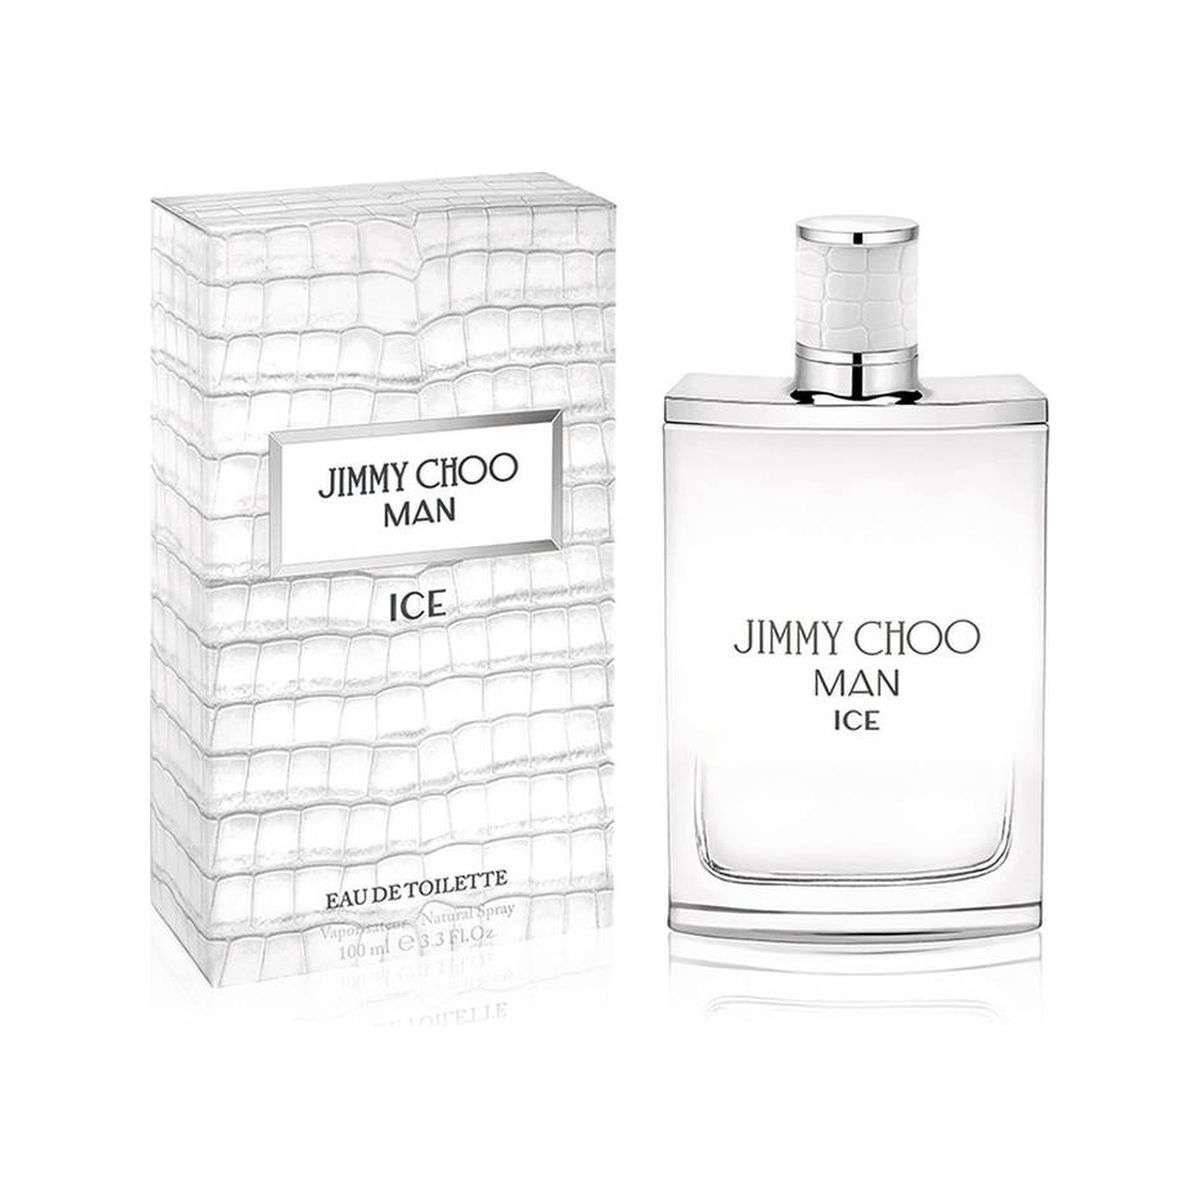 Jimmy Choo Man Ice Eau de Toilette, 100